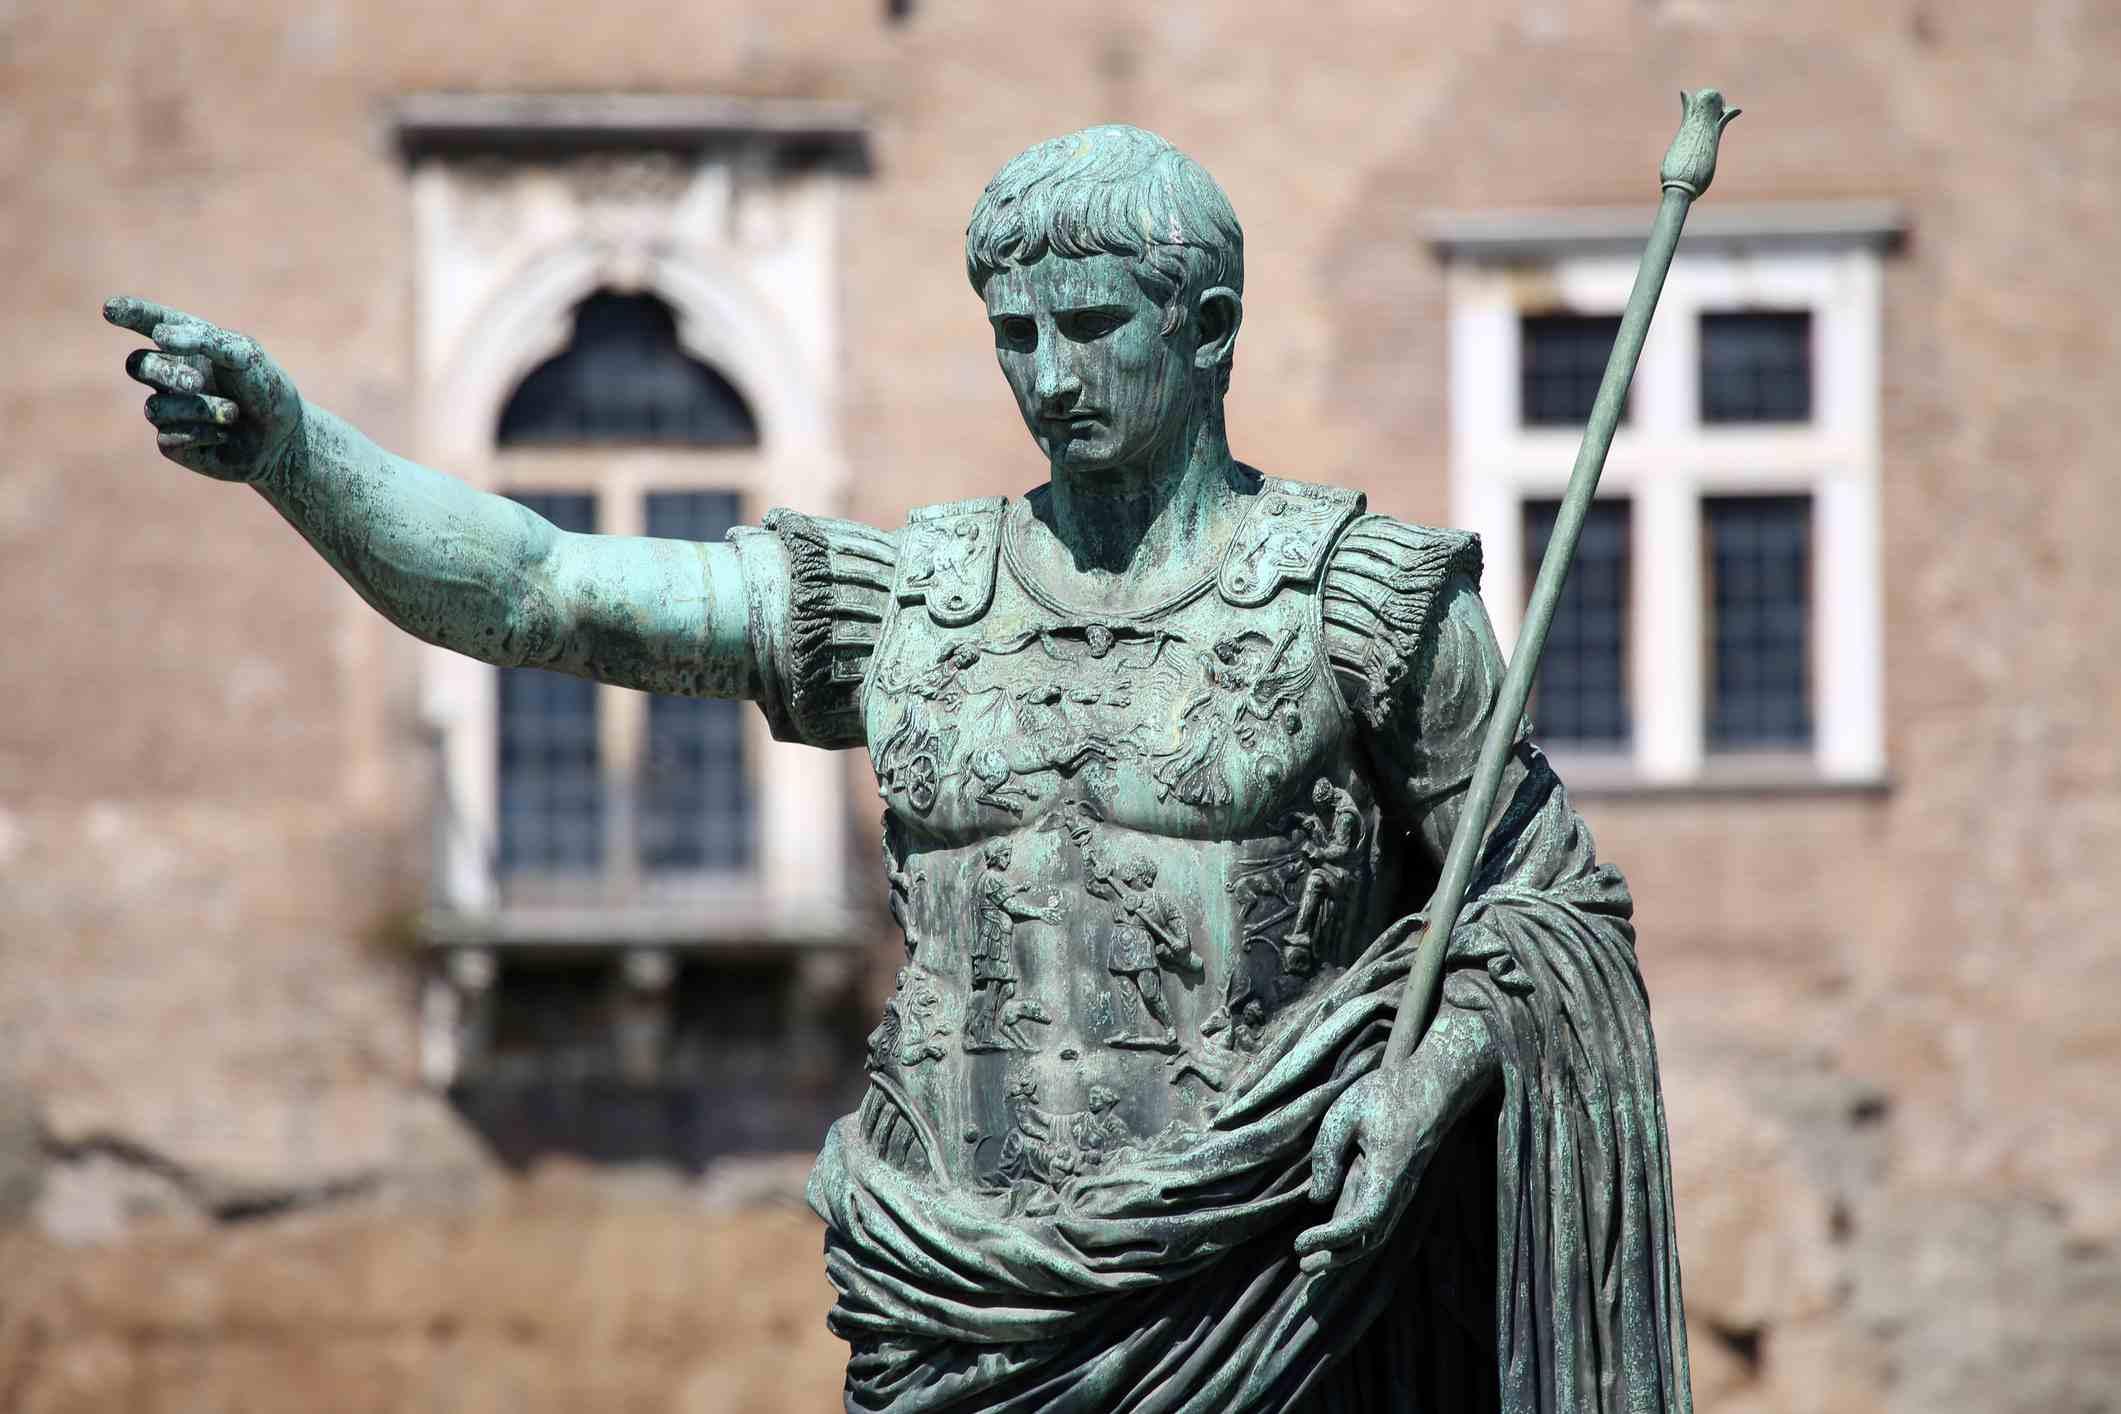 Statue of Caesar in the Roman Forum